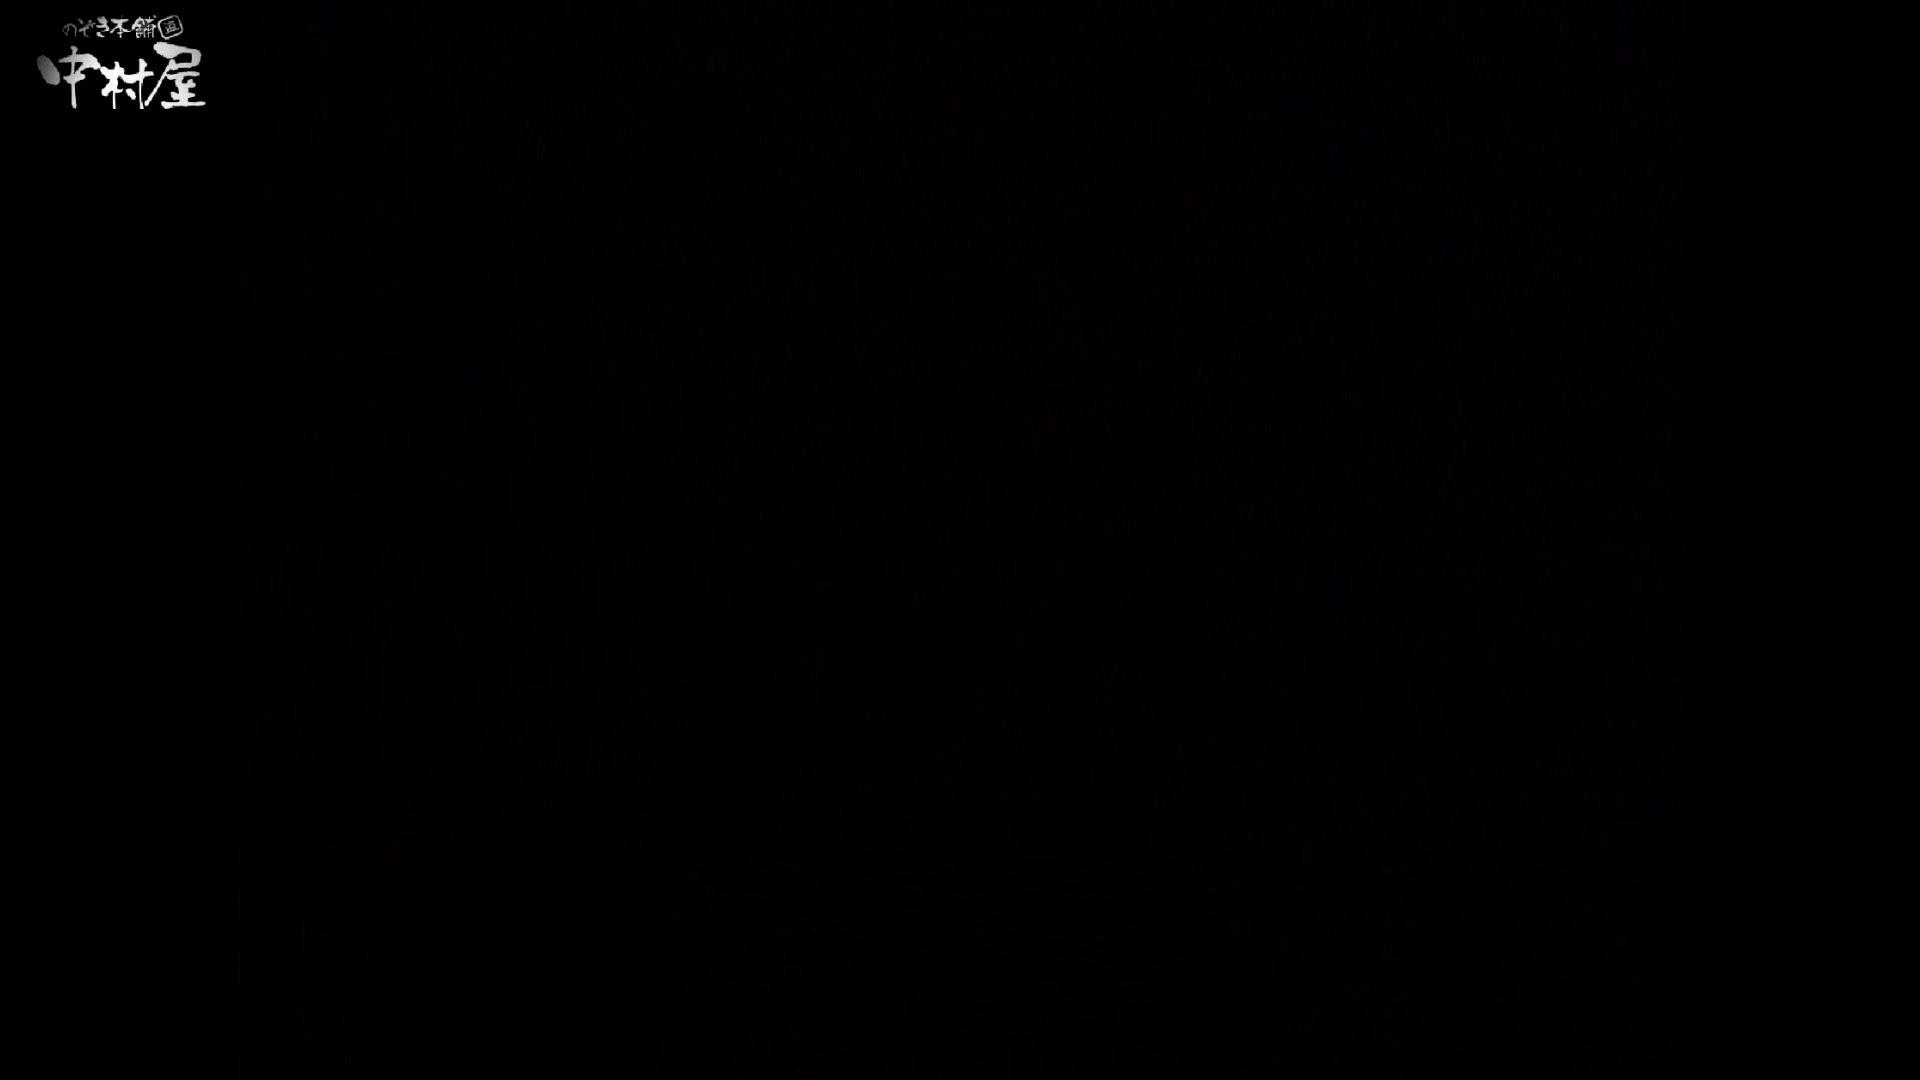 民家風呂専門盗撮師の超危険映像 vol.018 美女まとめ  95PIX 95